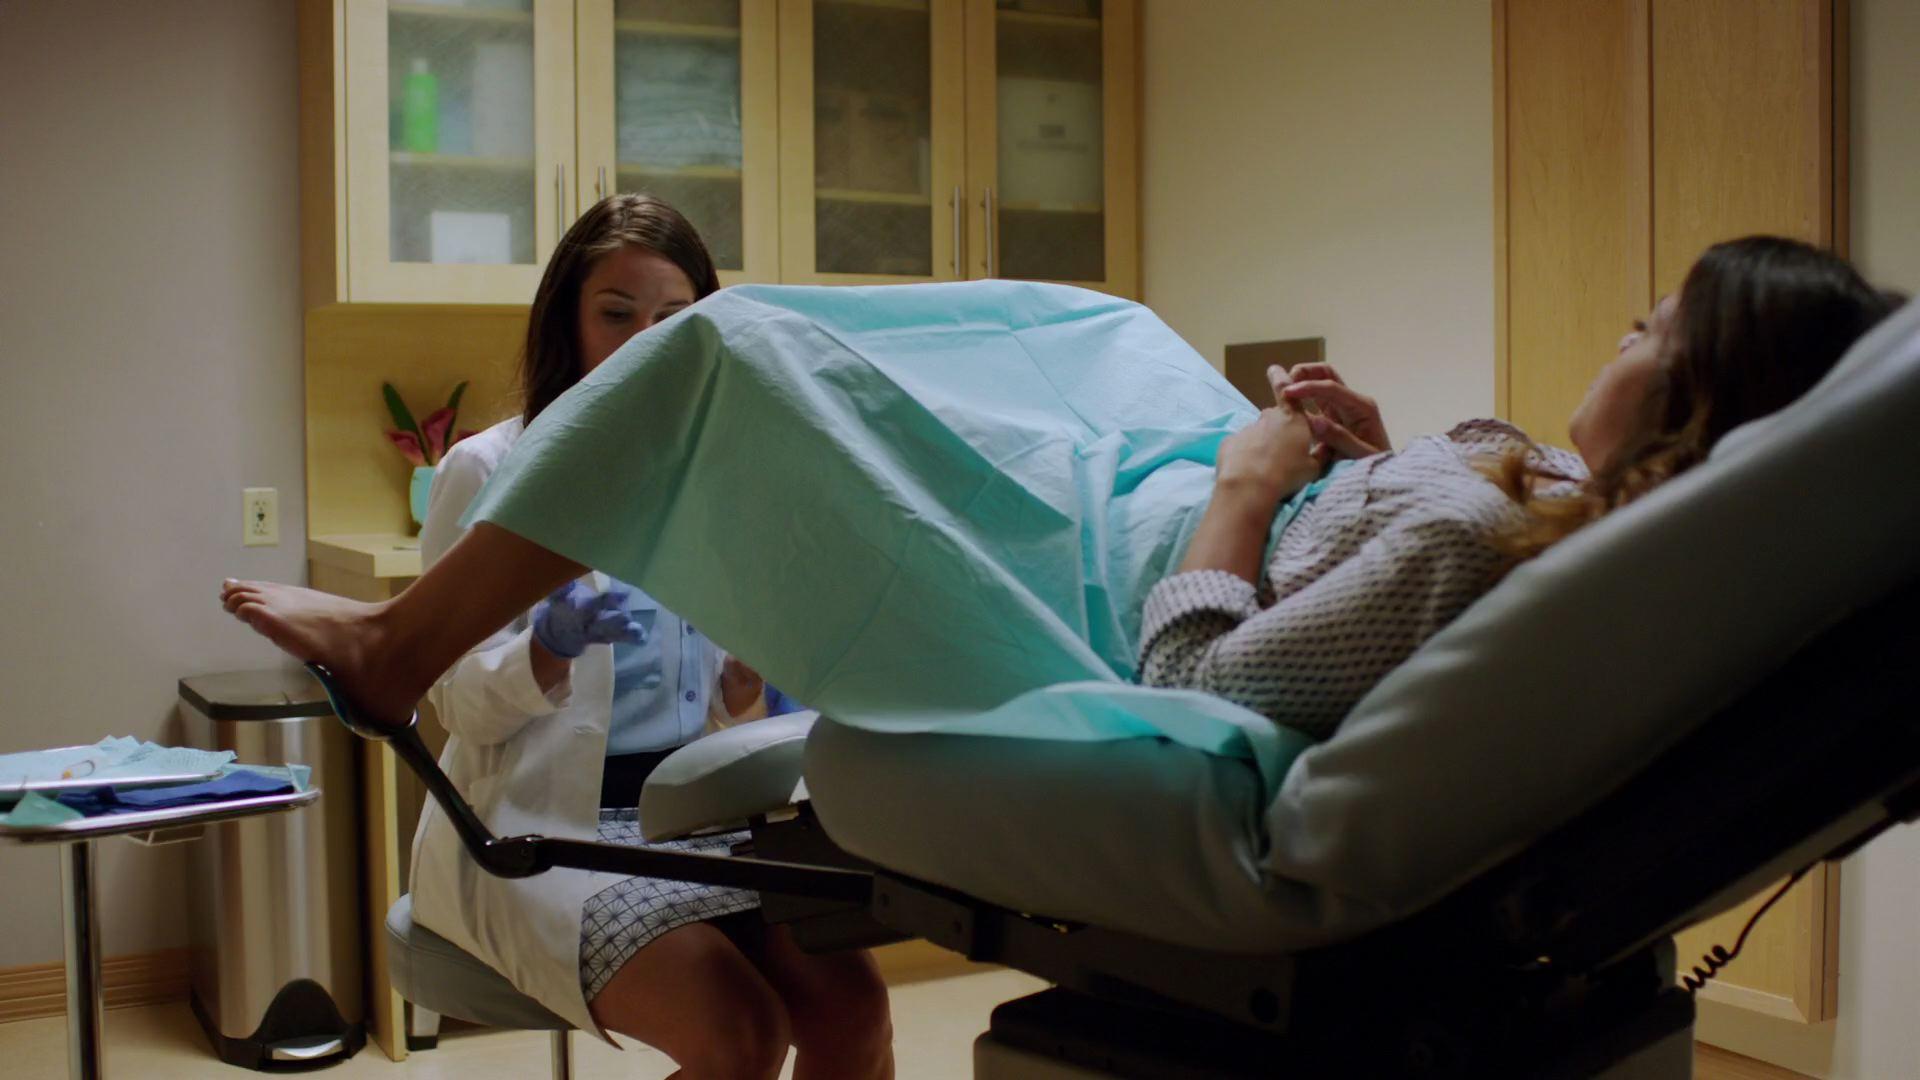 Фото голой девушки в гинекологическом кресле, гинеколог: порно фото и секс в кабинете гинеколога 13 фотография